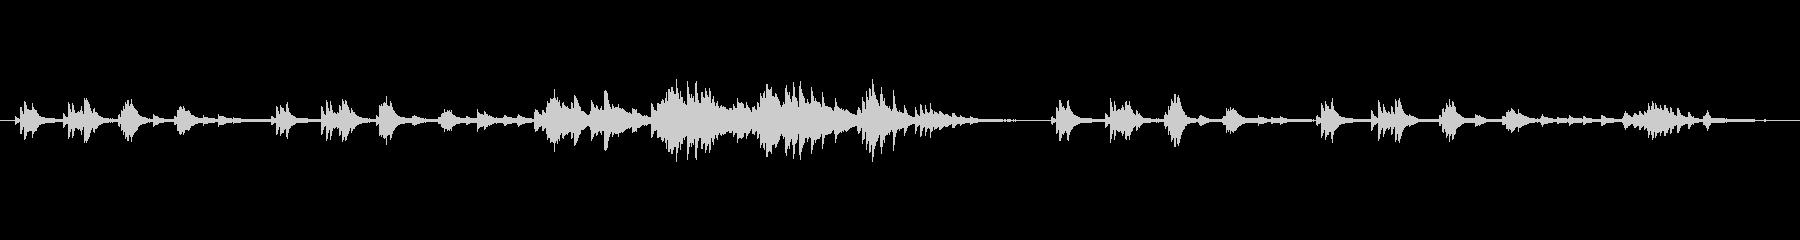 ・静かなピアノソロ曲です。・アニメやゲ…の未再生の波形